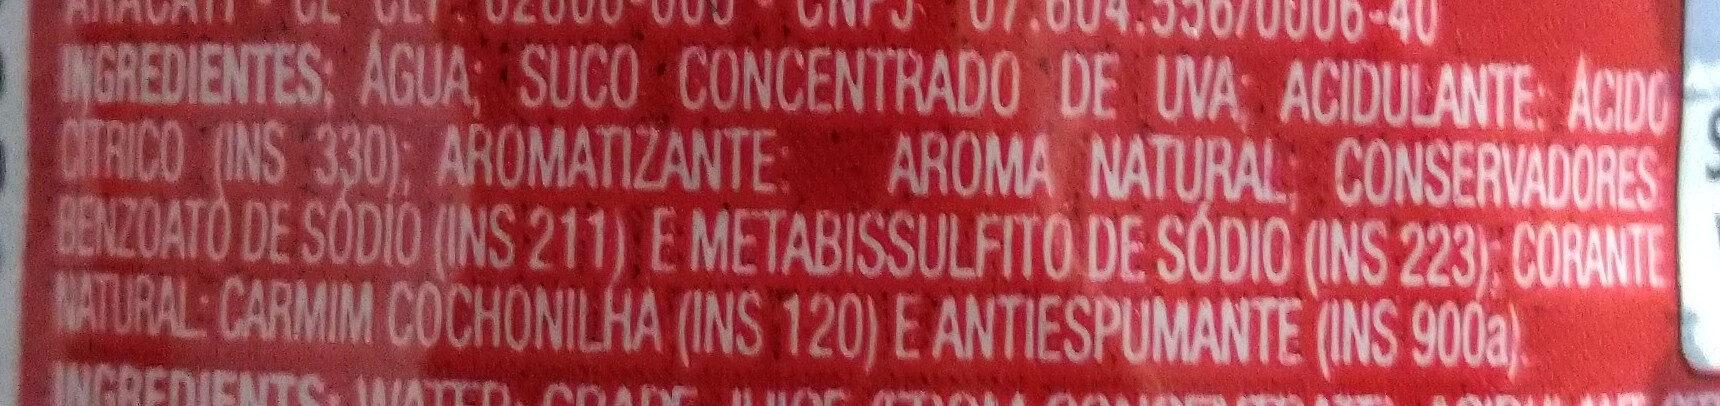 Suco de uva concentrado - Ingredientes - pt